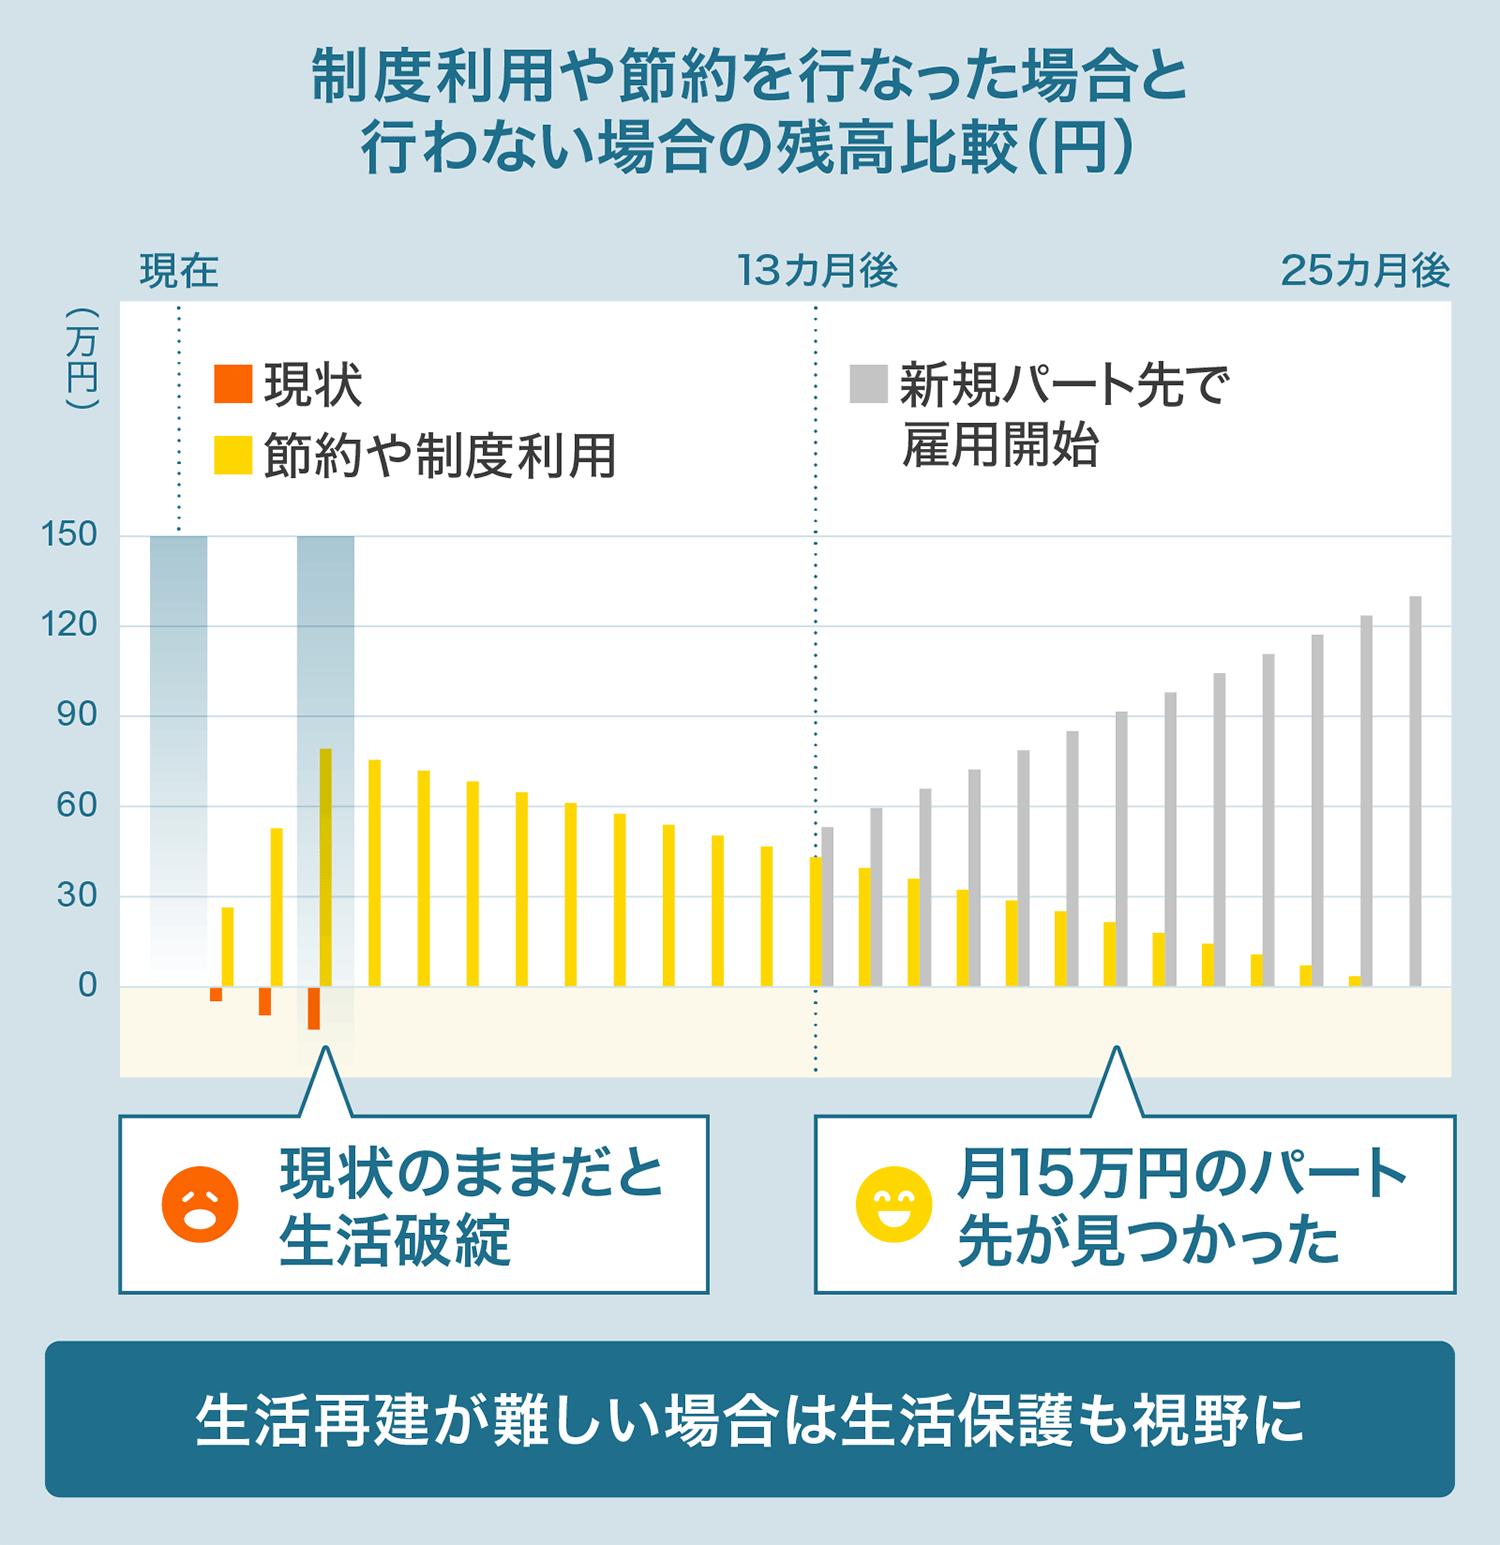 制度利用や節約を行った場合と行わない場合の残高比較(円)